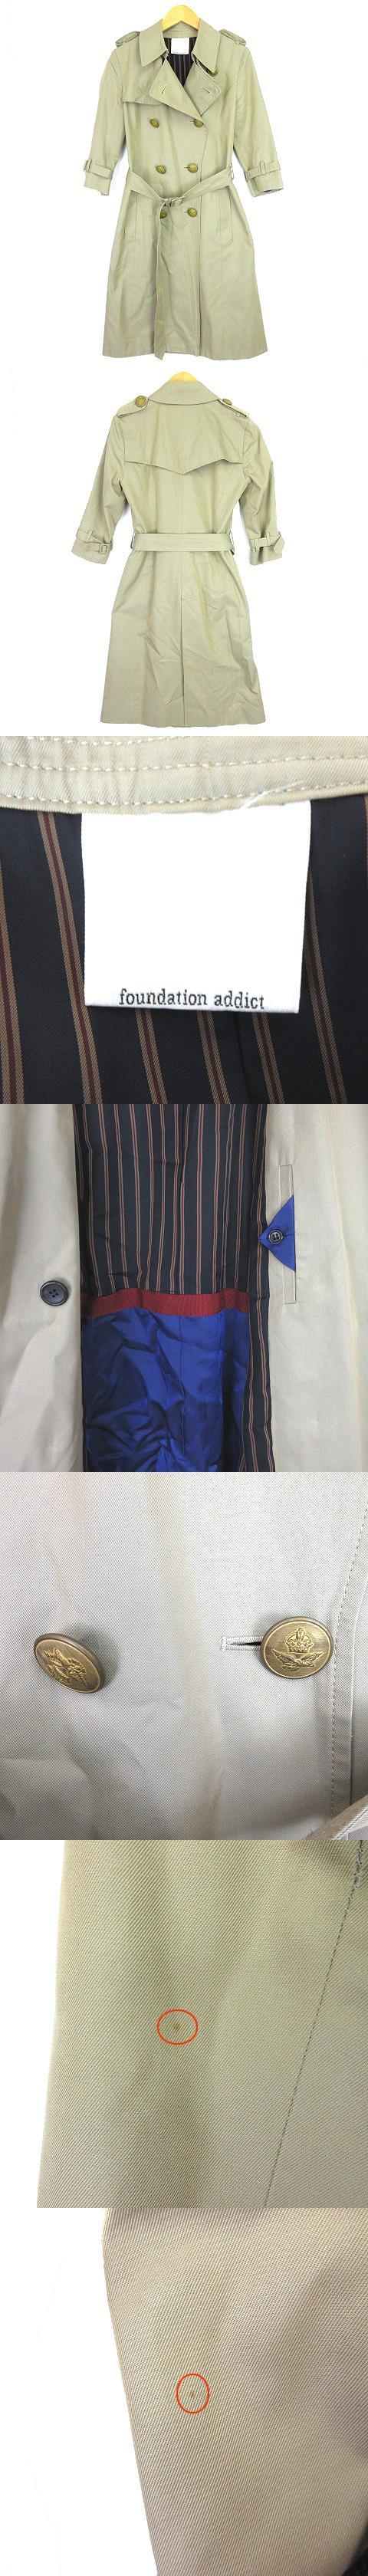 トレンチコート スプリング ロング 7分袖 ベルト コットン M カーキ